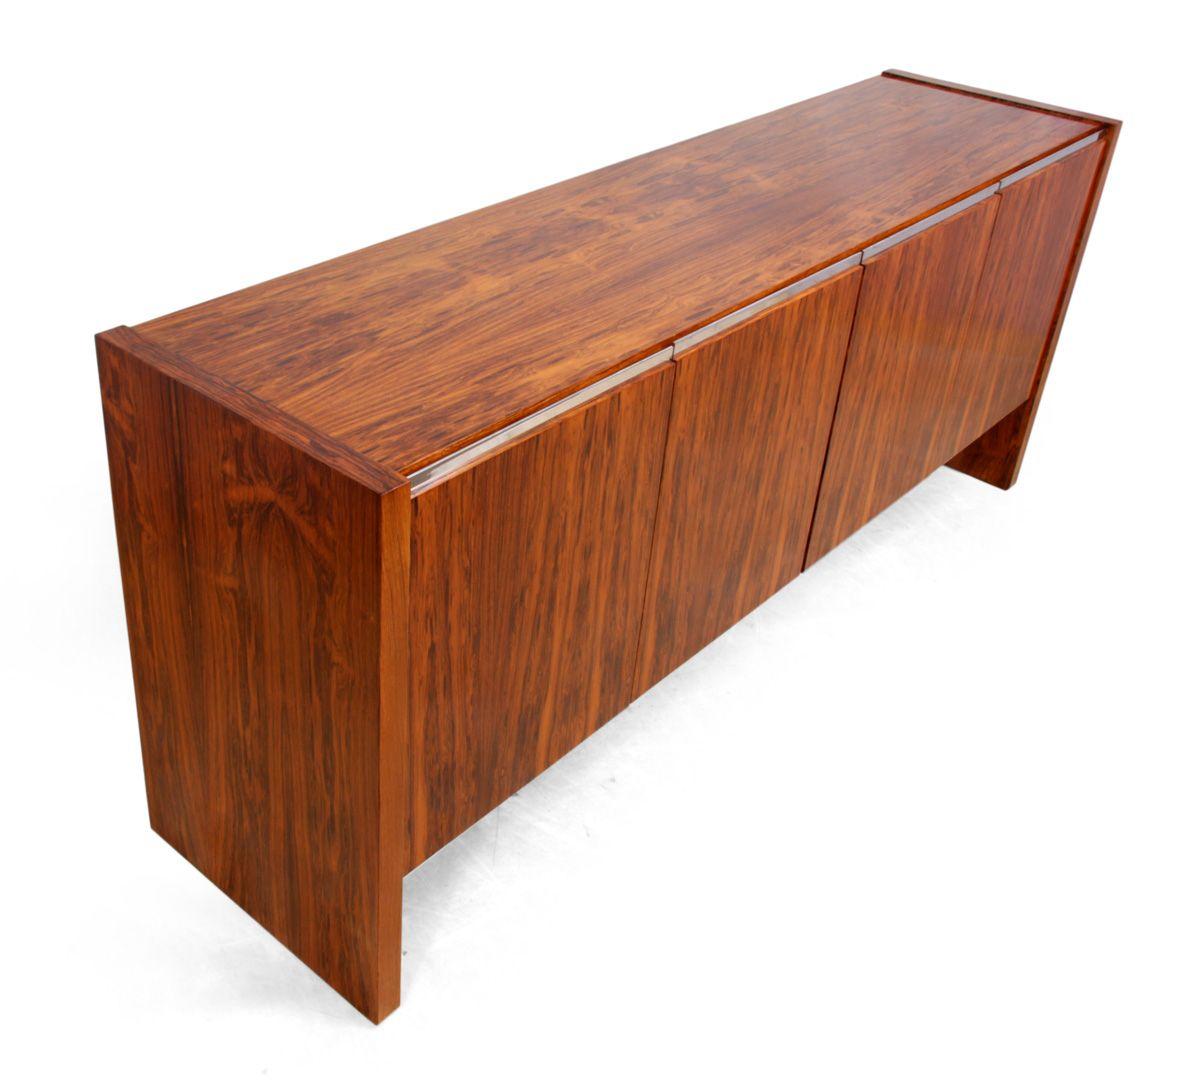 Cocobolo Veneer Sideboard From Merrow Associates 1970s